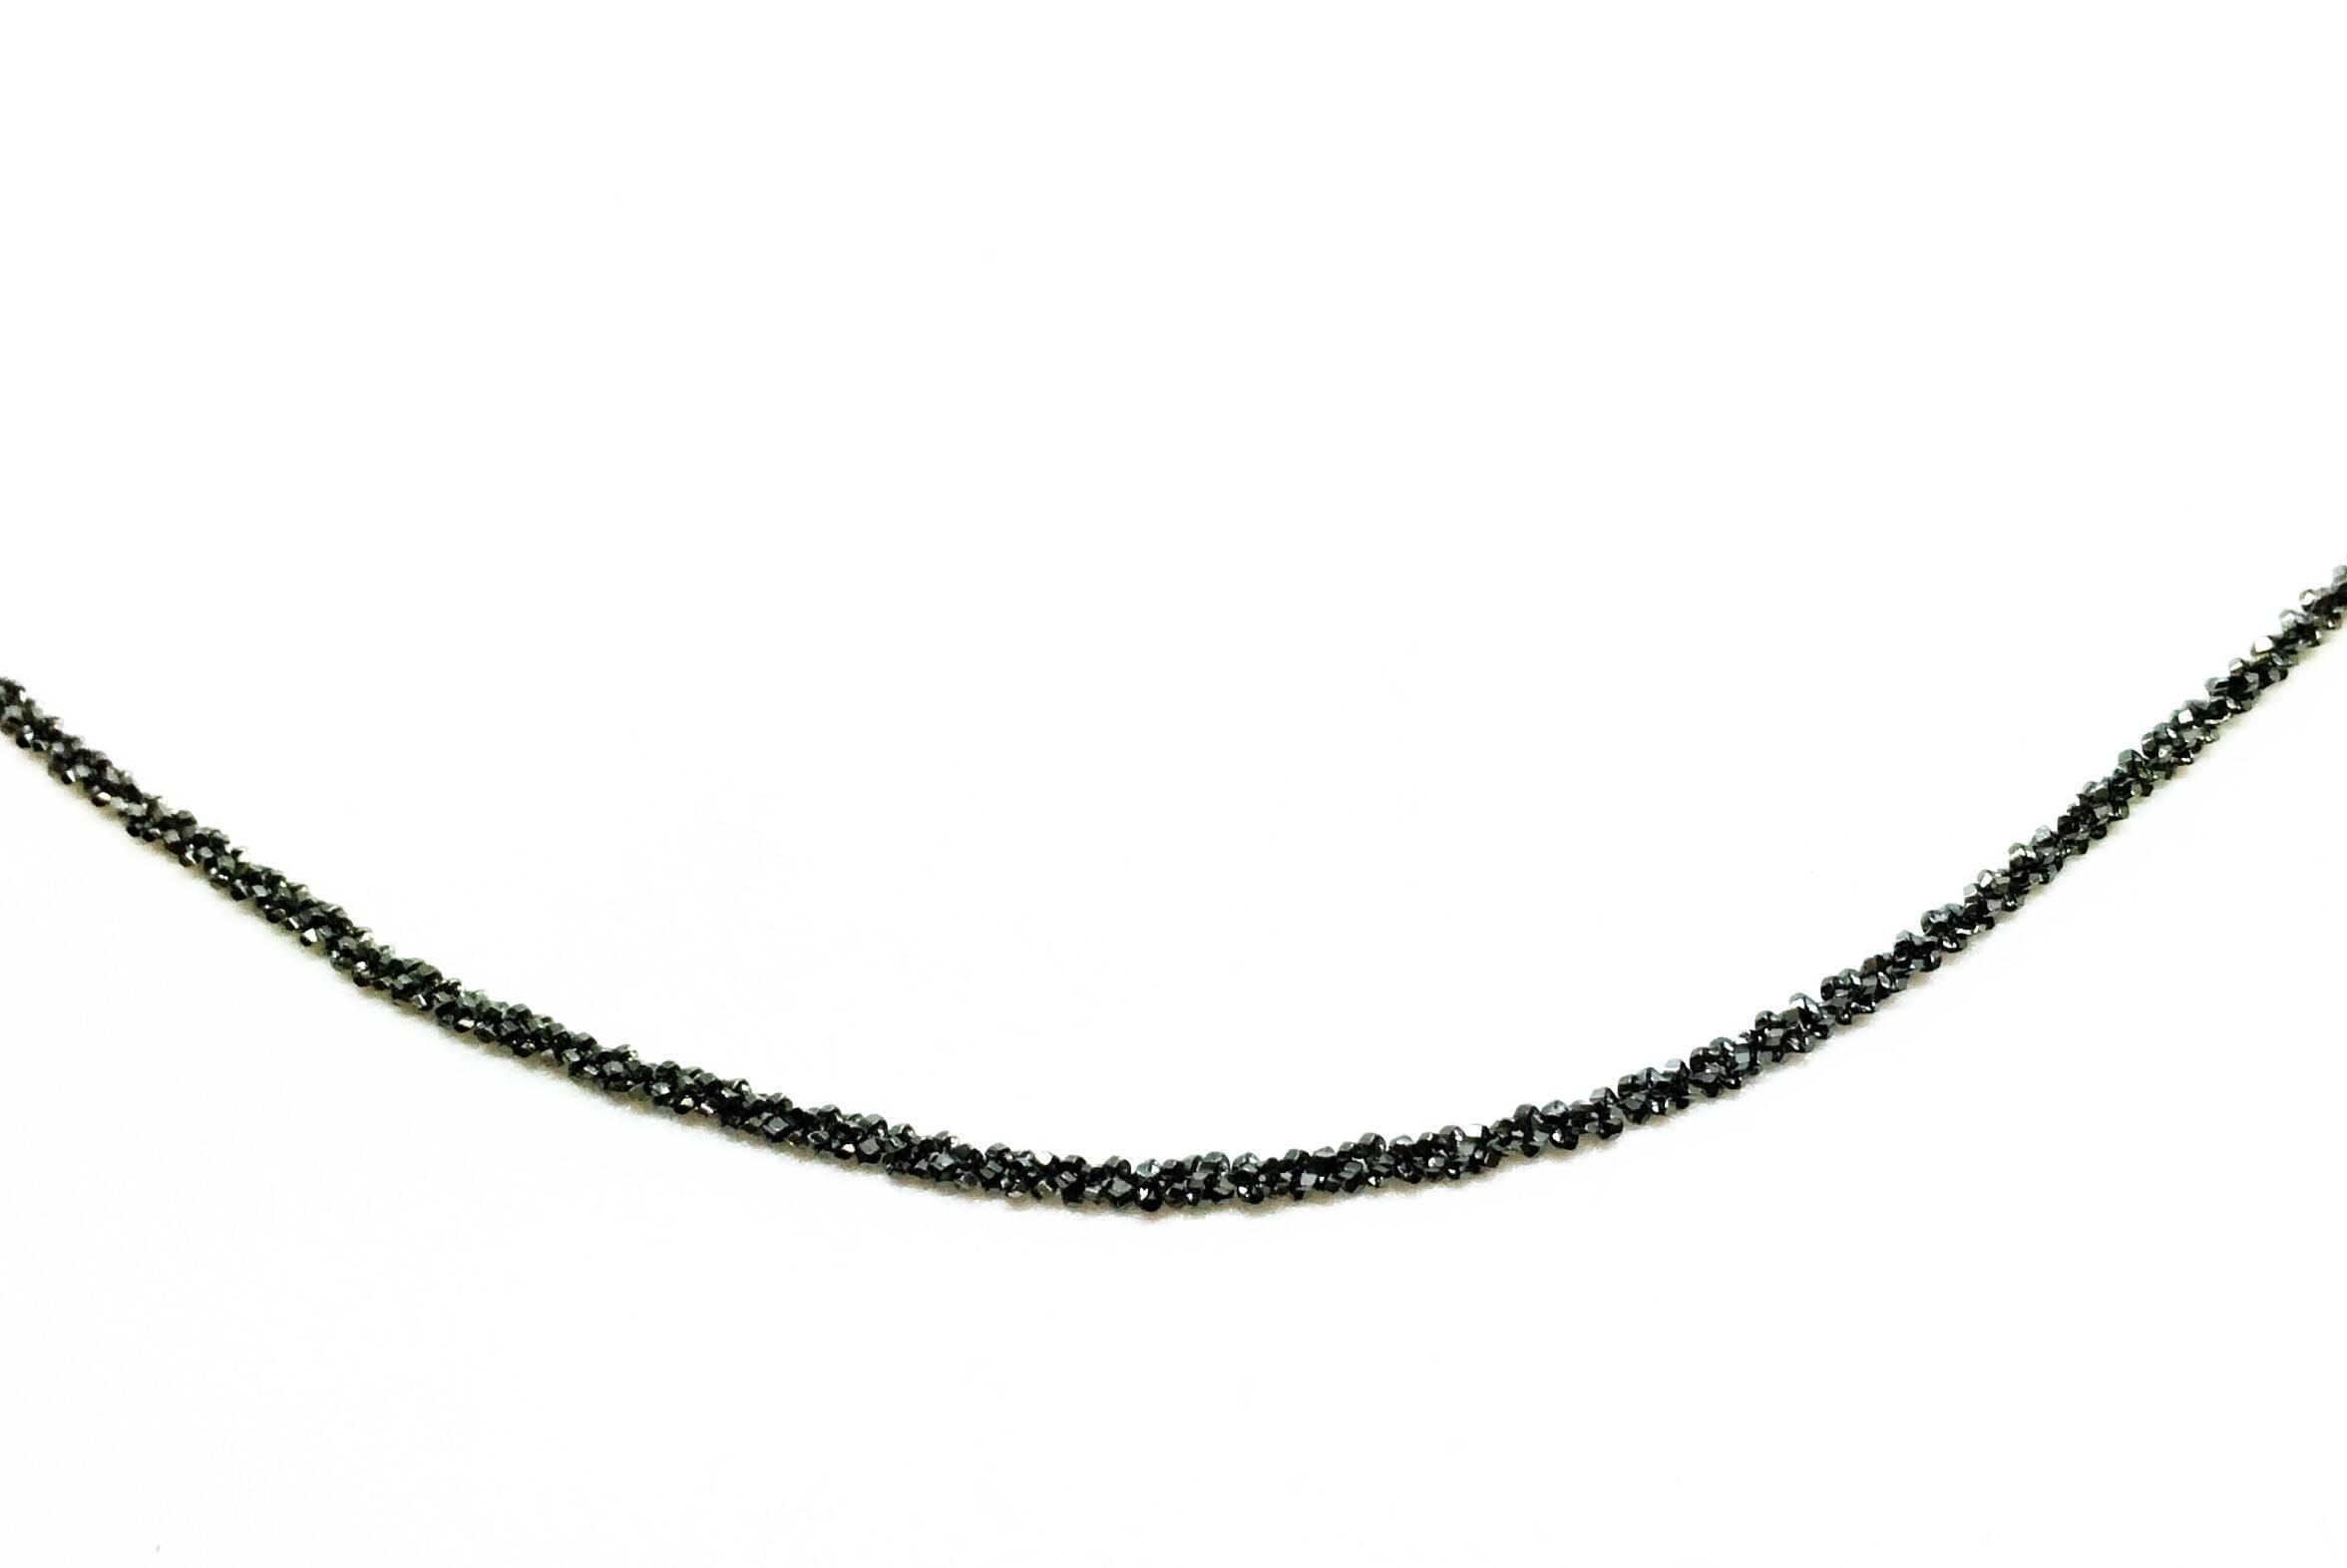 Cadena plata negra 45cm